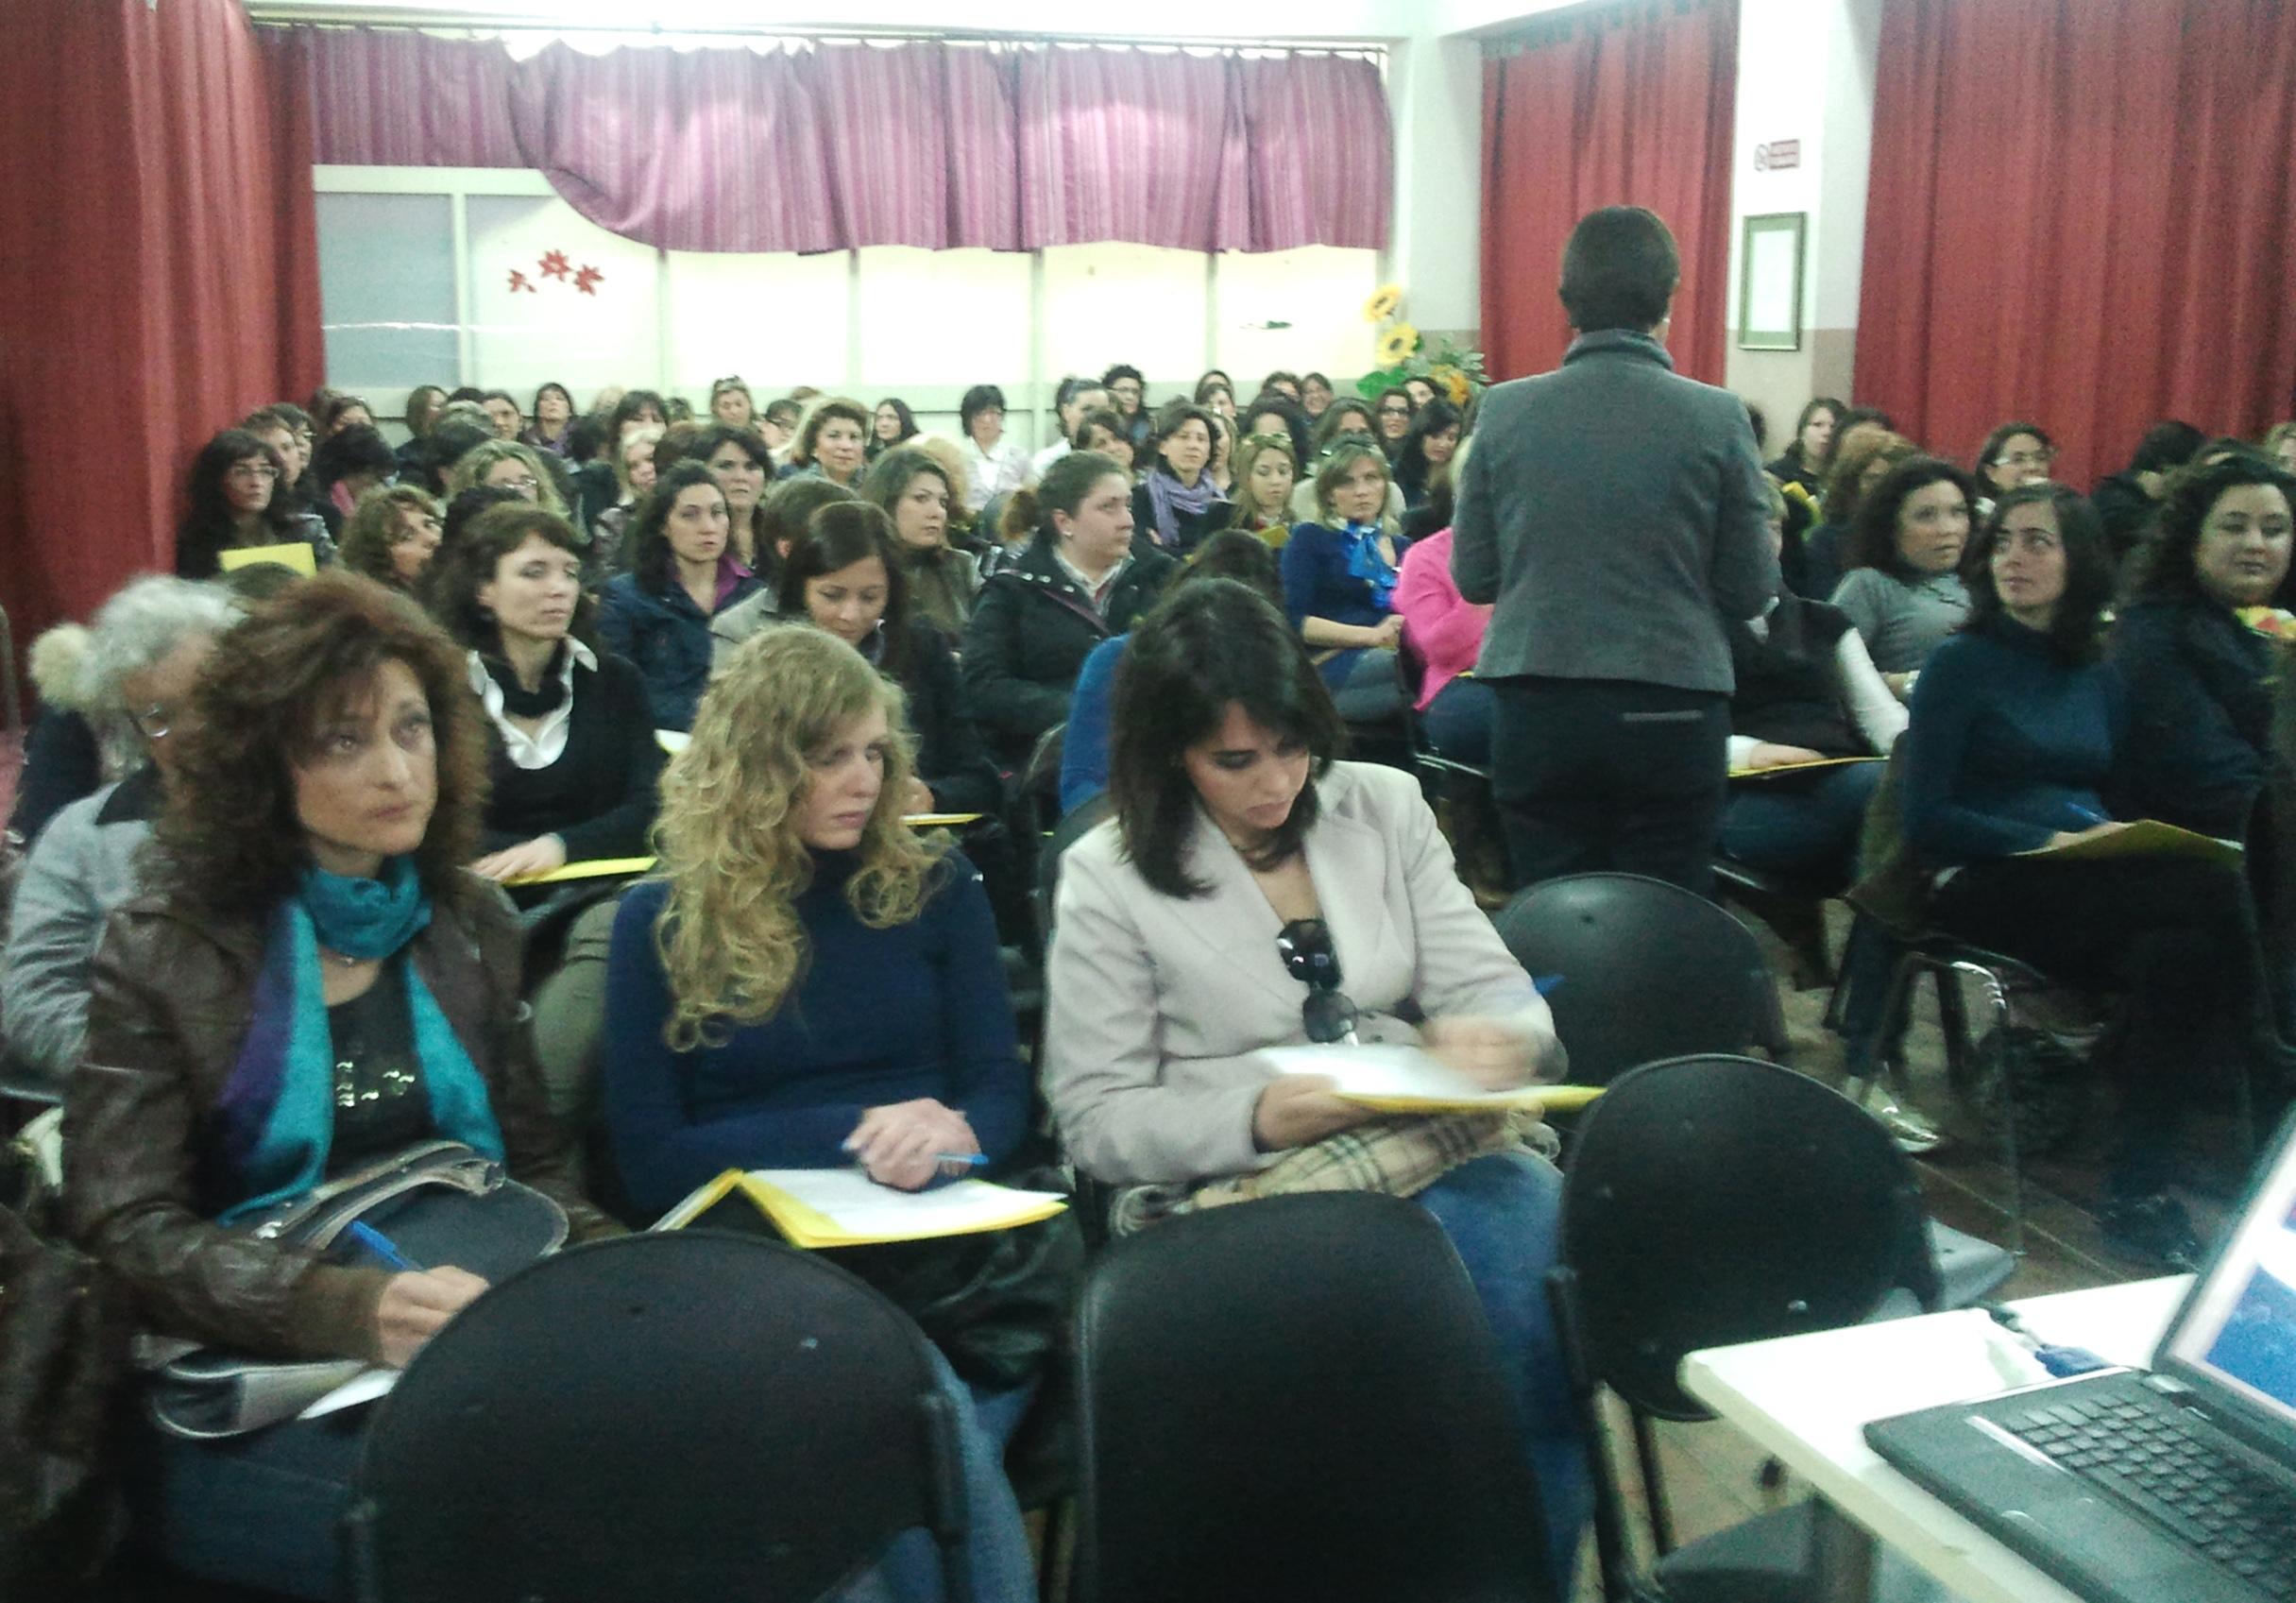 AL VIA, DA IERI, IL CORSO PER 130 EDUCATORI DELL'INFANZIA